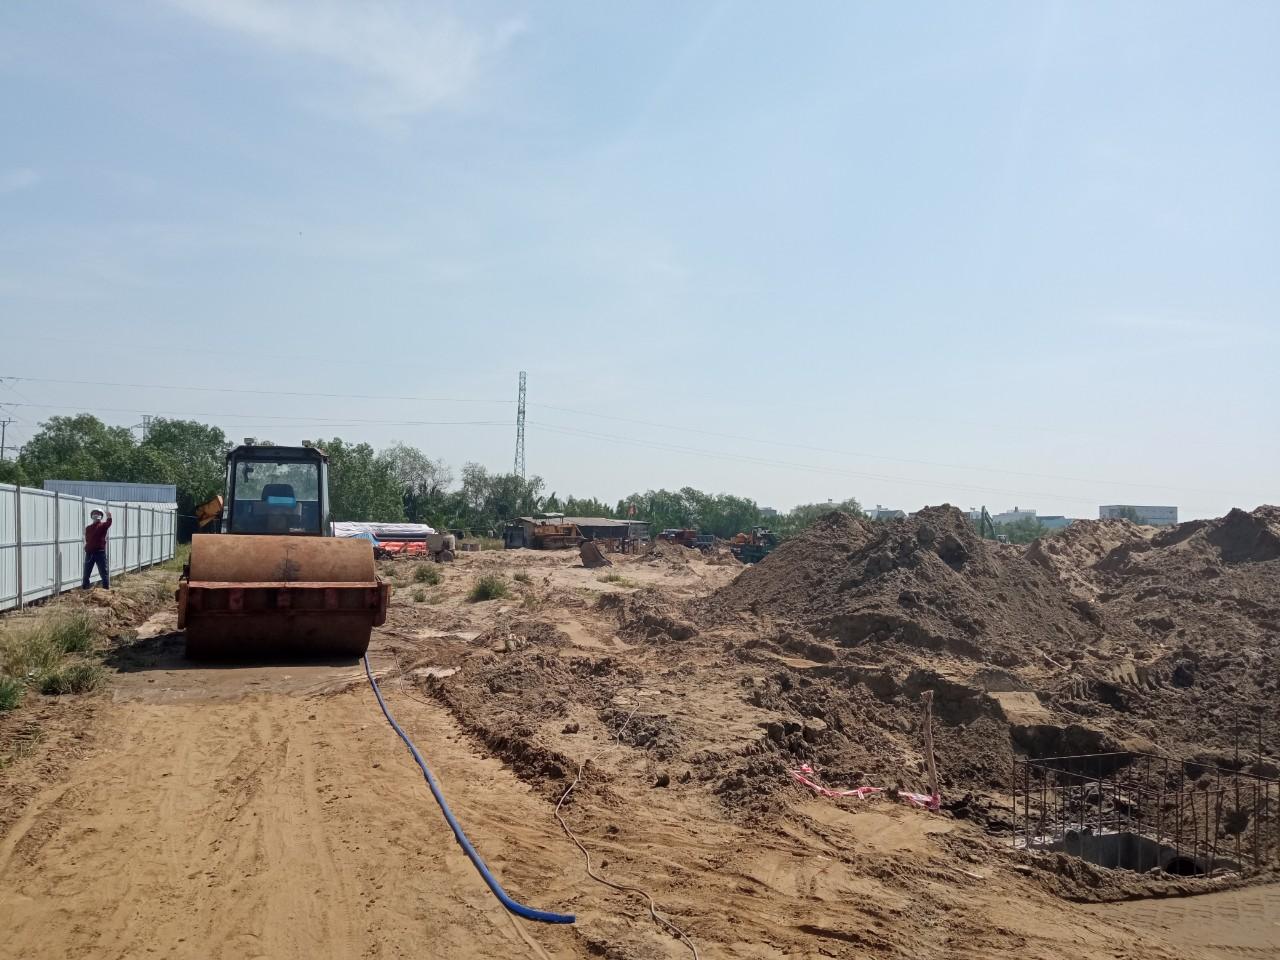 Tien do thi cong KDC Thuong mai Tan Thai Thinh - Dự án Khu dân cư Thương mại Tân Thái Thịnh